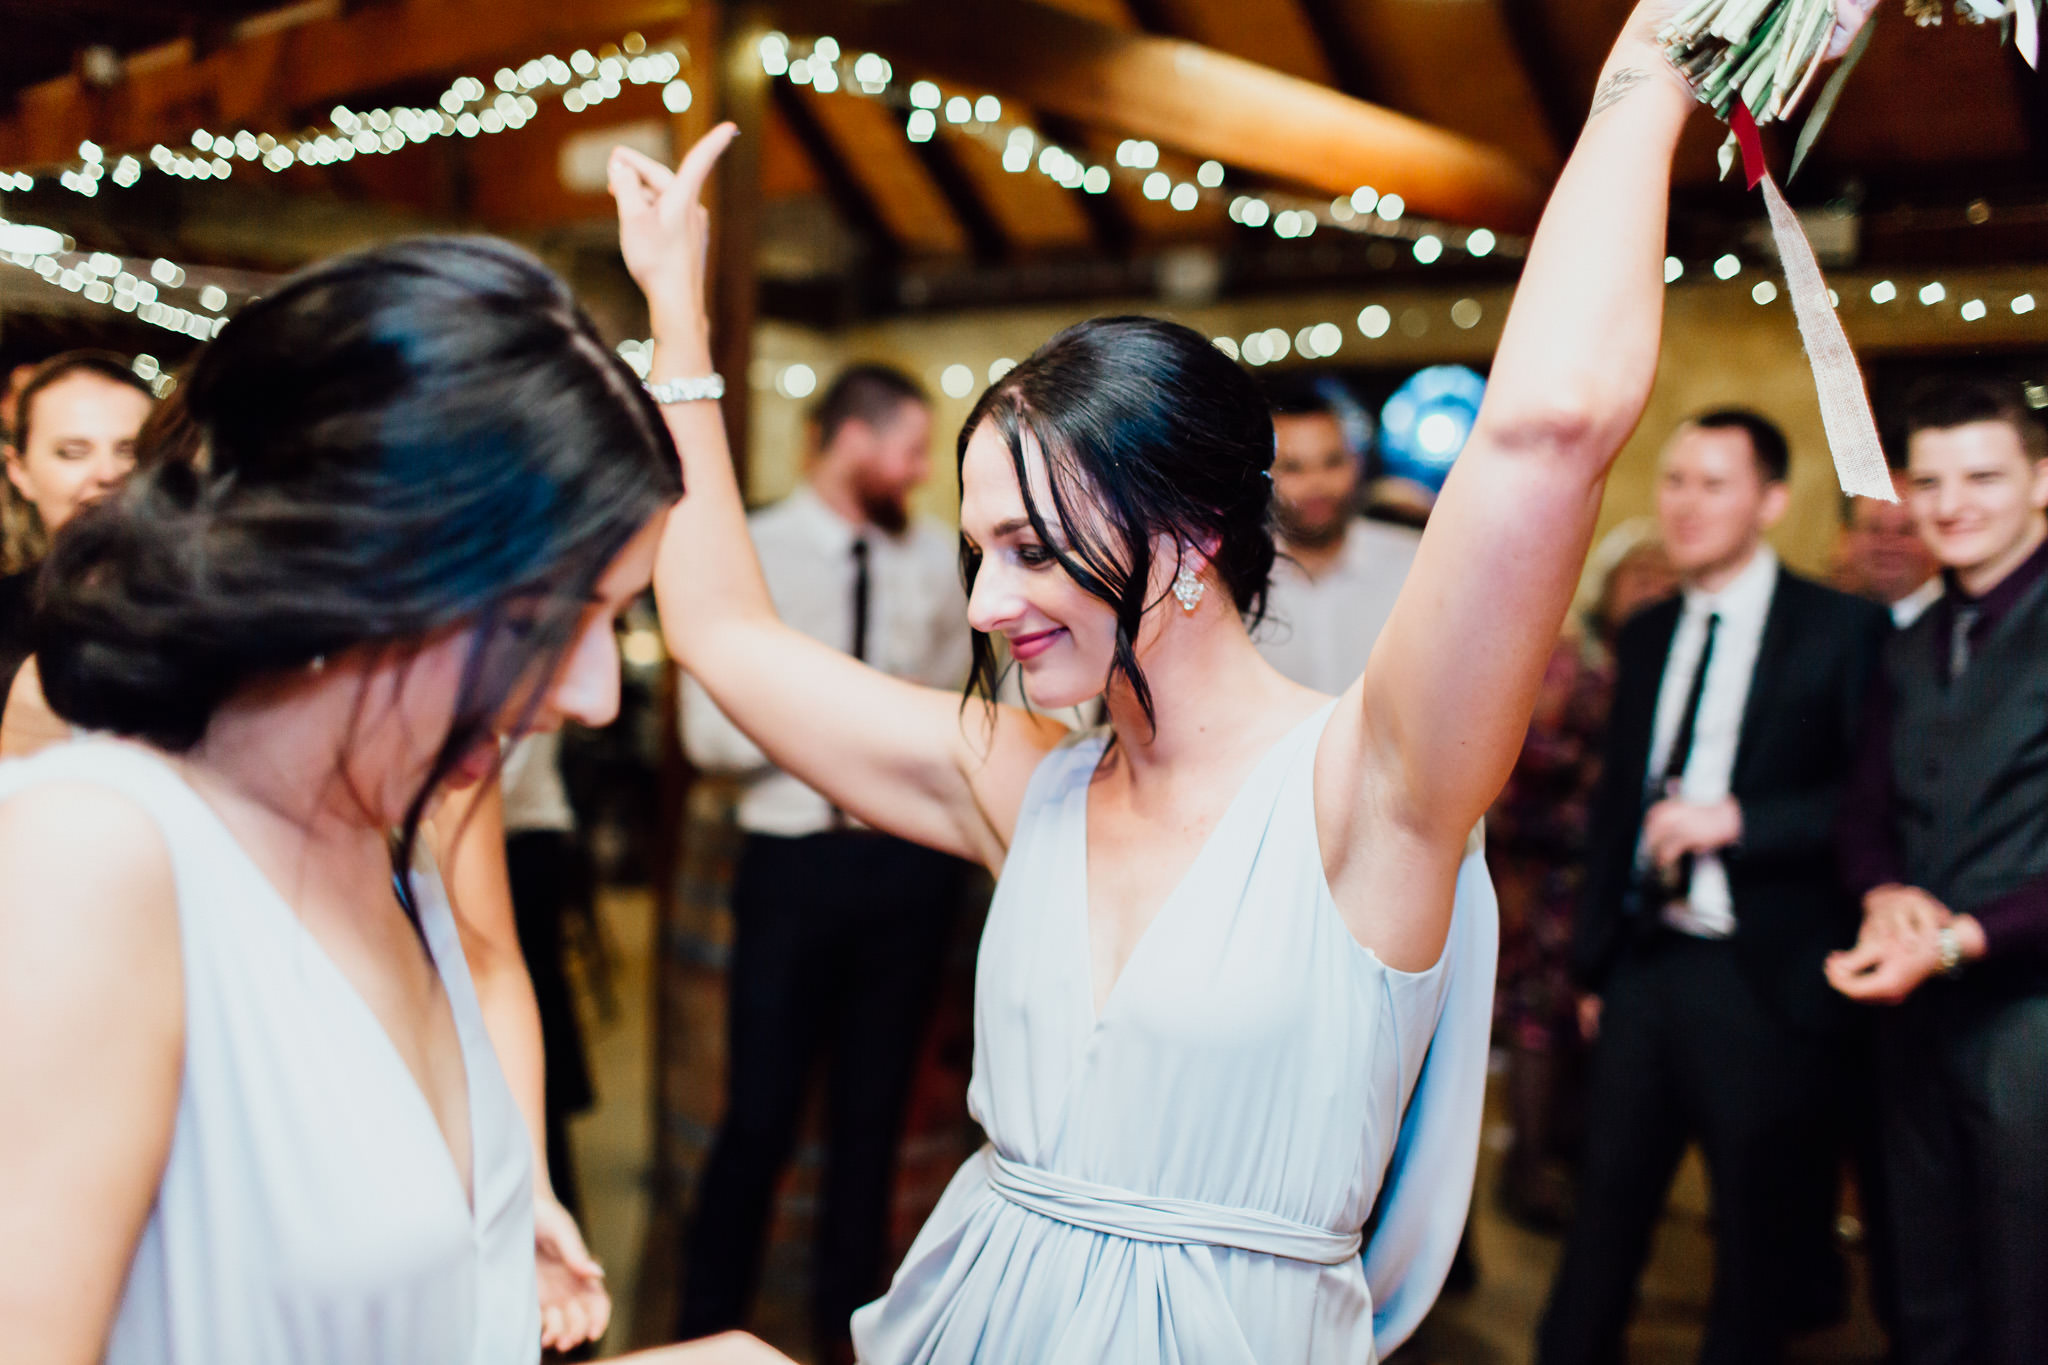 WeddingPhotos_Facebook_2048pixels-1170.jpg